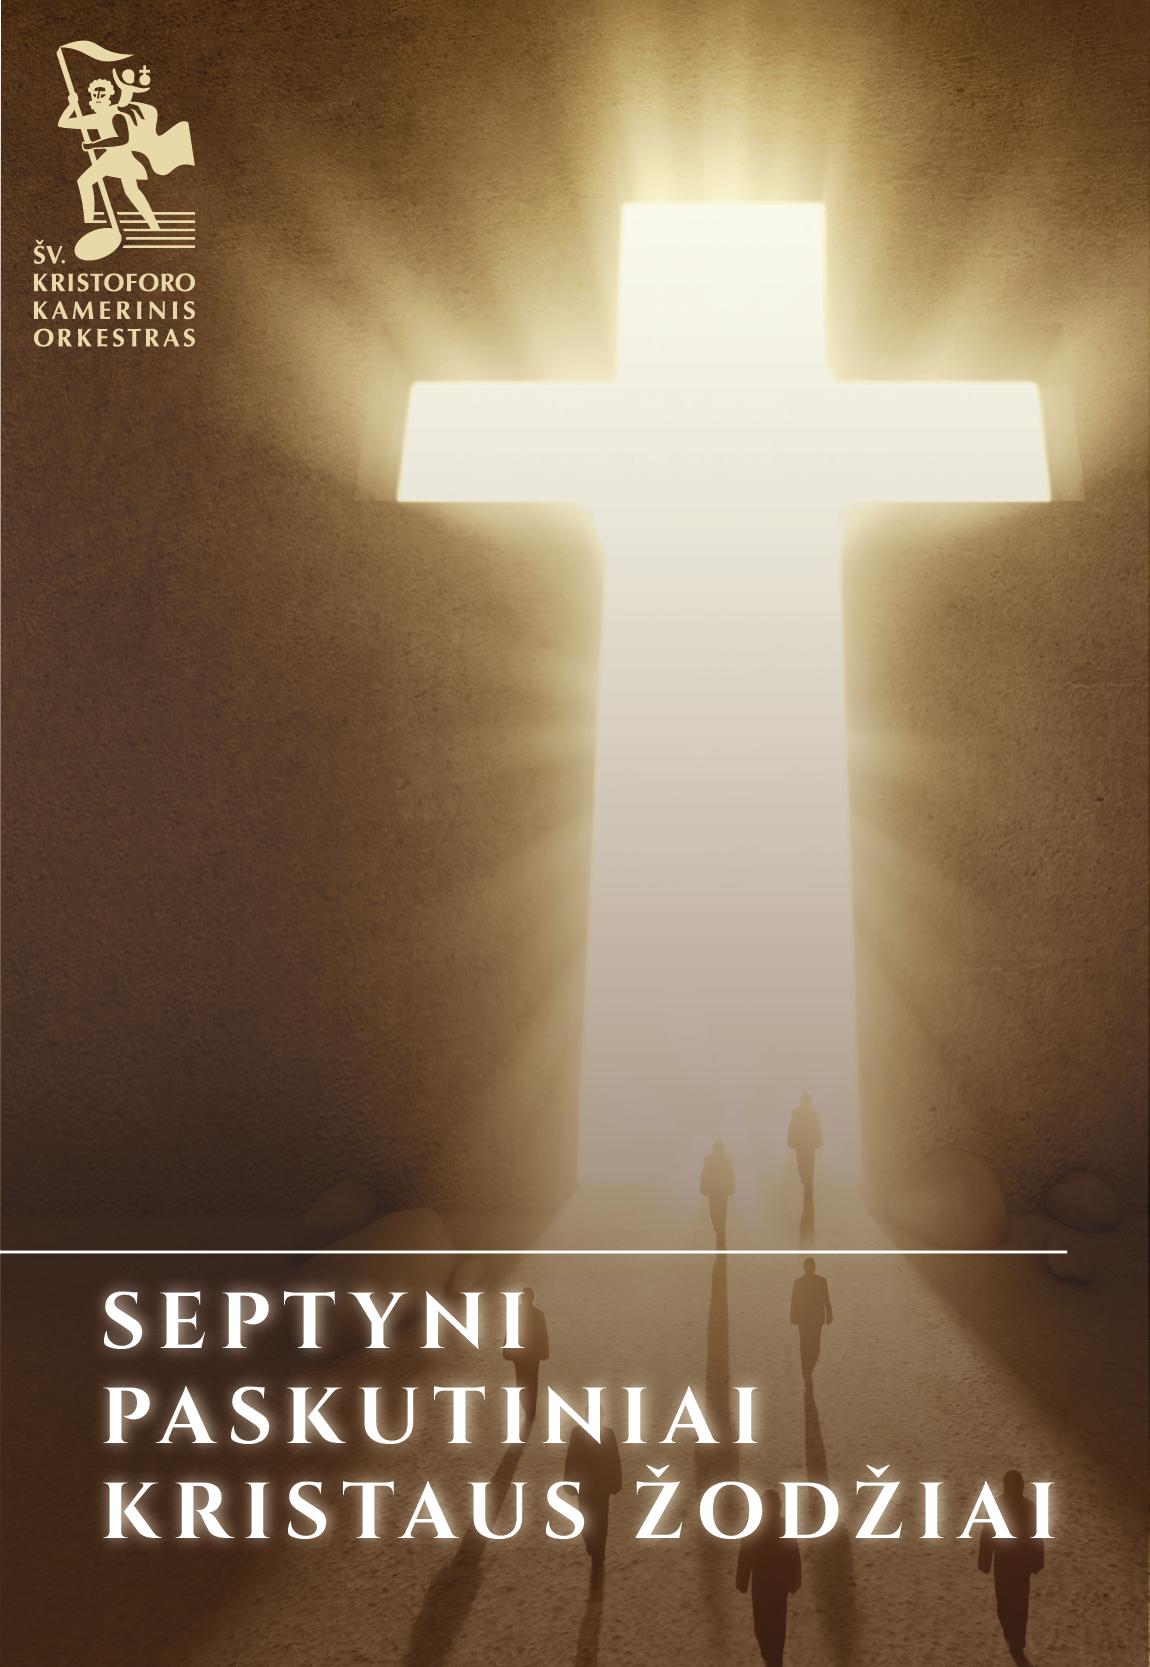 SEPTYNI PASKUTINIAI KRISTAUS ŽODŽIAI